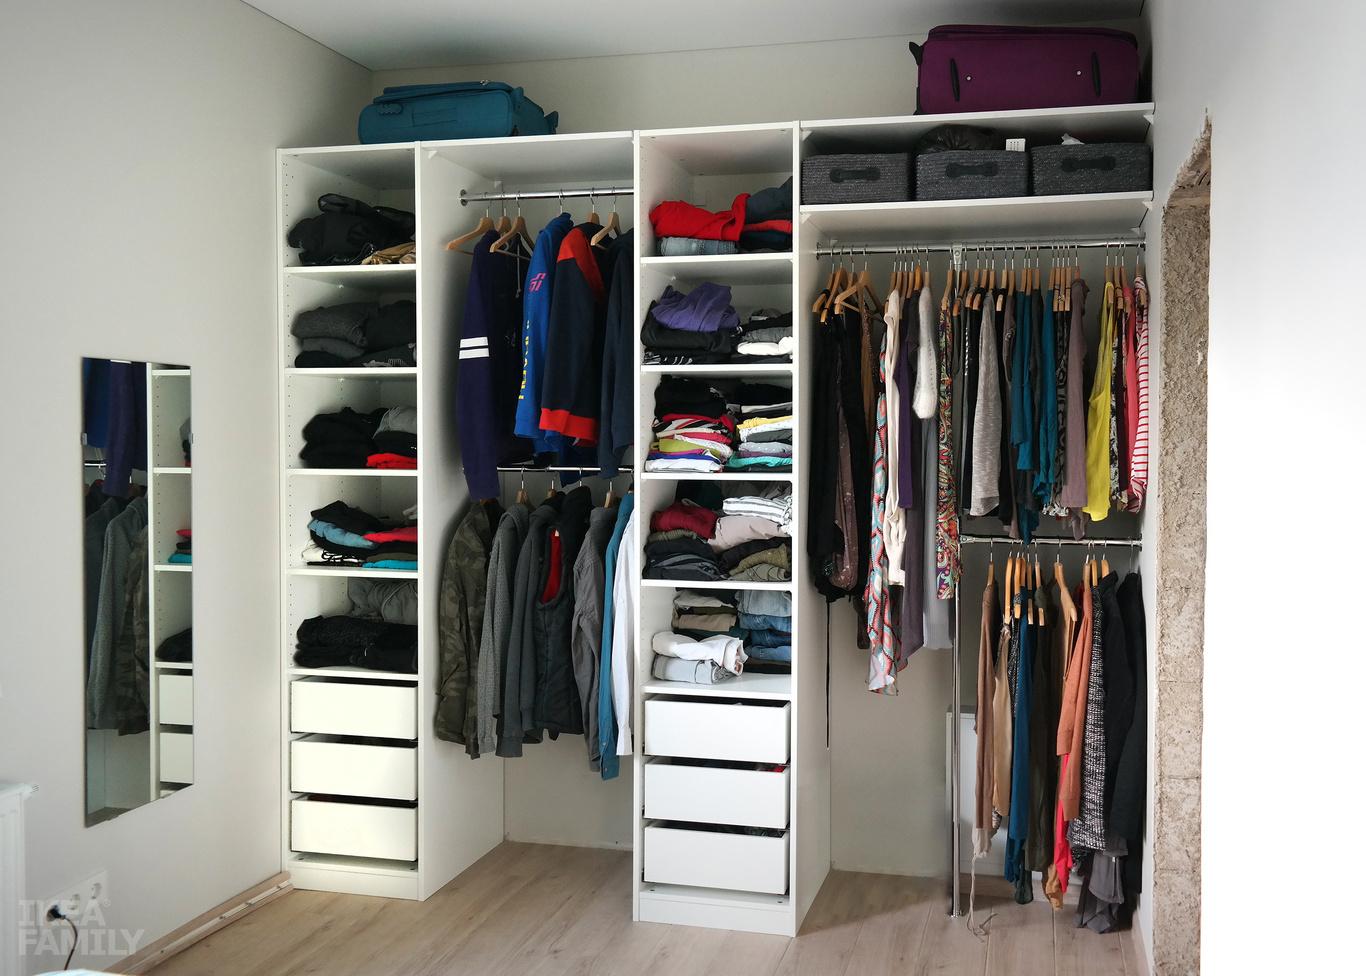 drabužinės, su veidrodžiu, išpardavimas, kaina, akcija